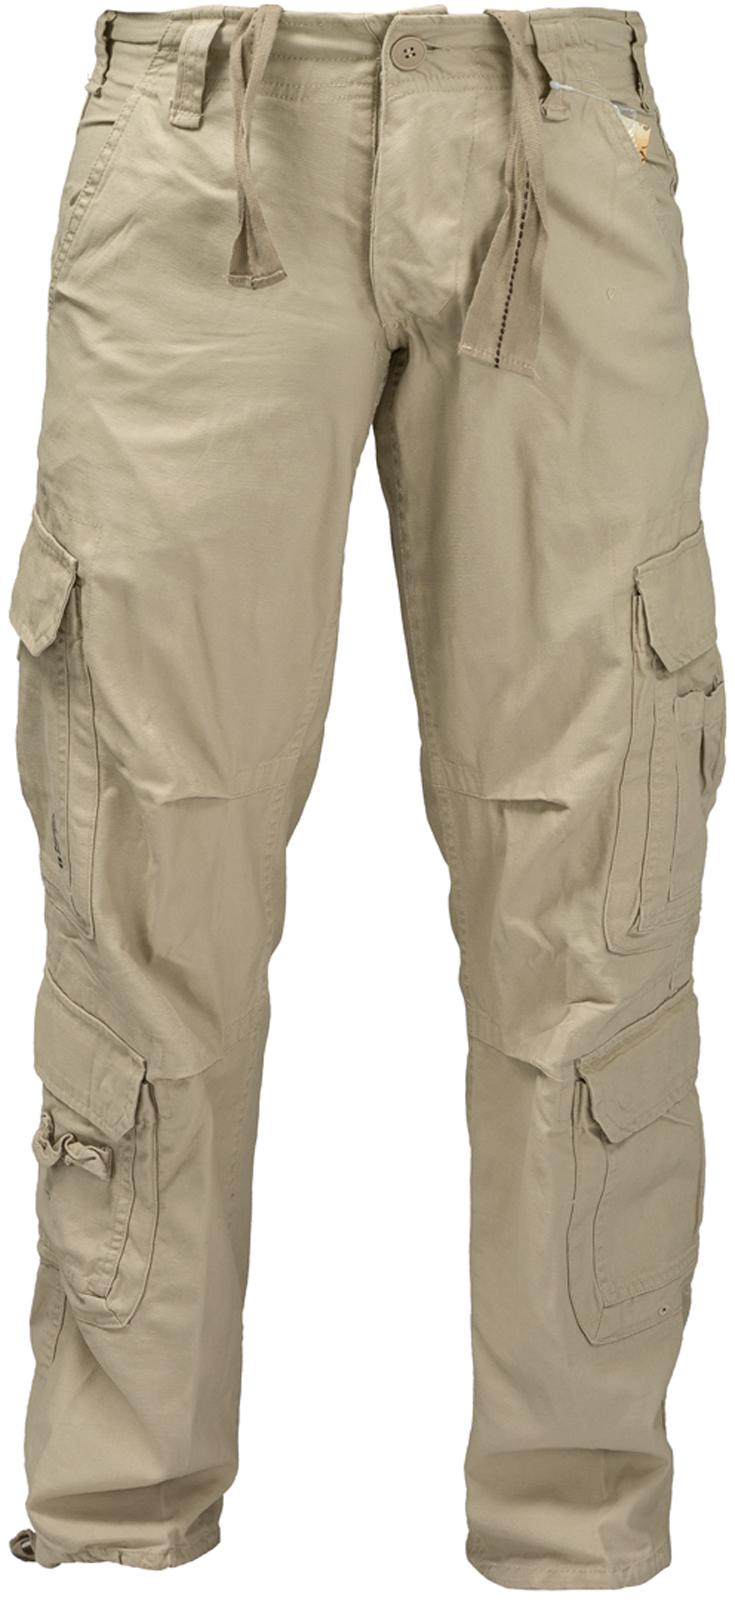 Pantalone f05 tan equipaggiamento abbigliamento - Diva pants recensioni ...